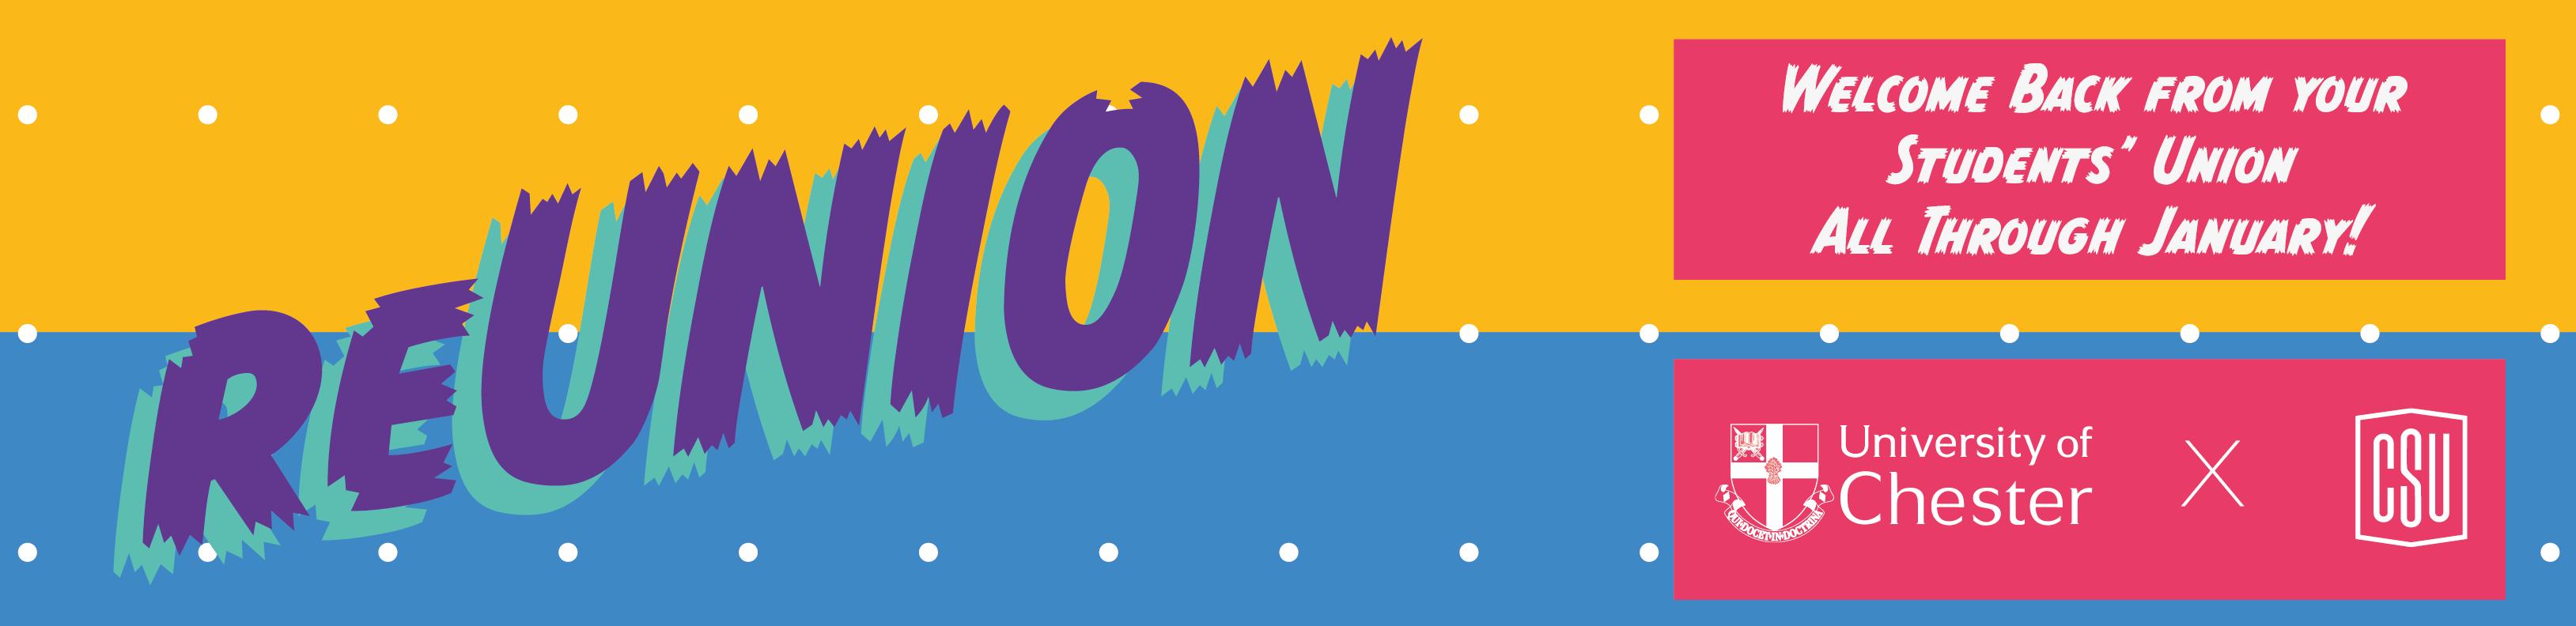 Reunion web banner 09 09